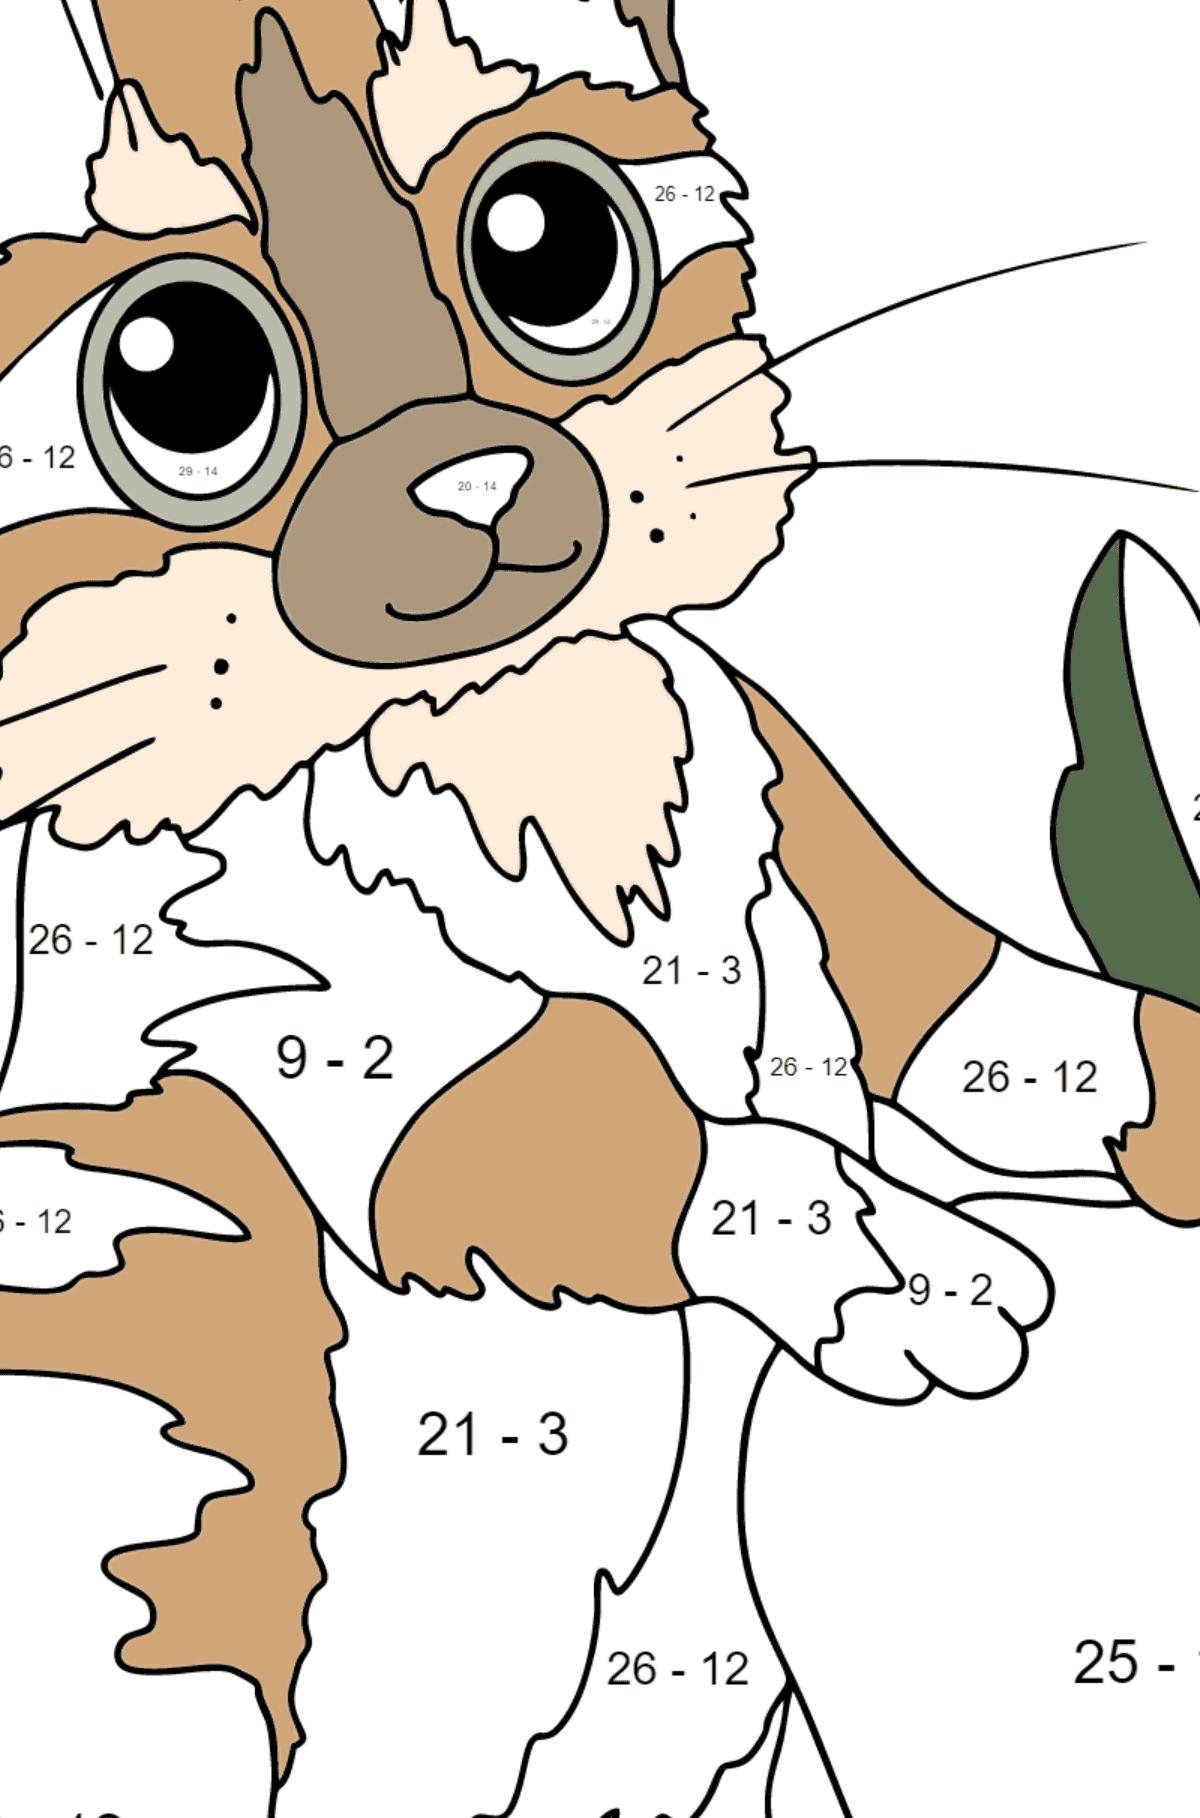 Раскраска кошка со спелым яблоком - Математическая Раскраска - Вычитание для Детей